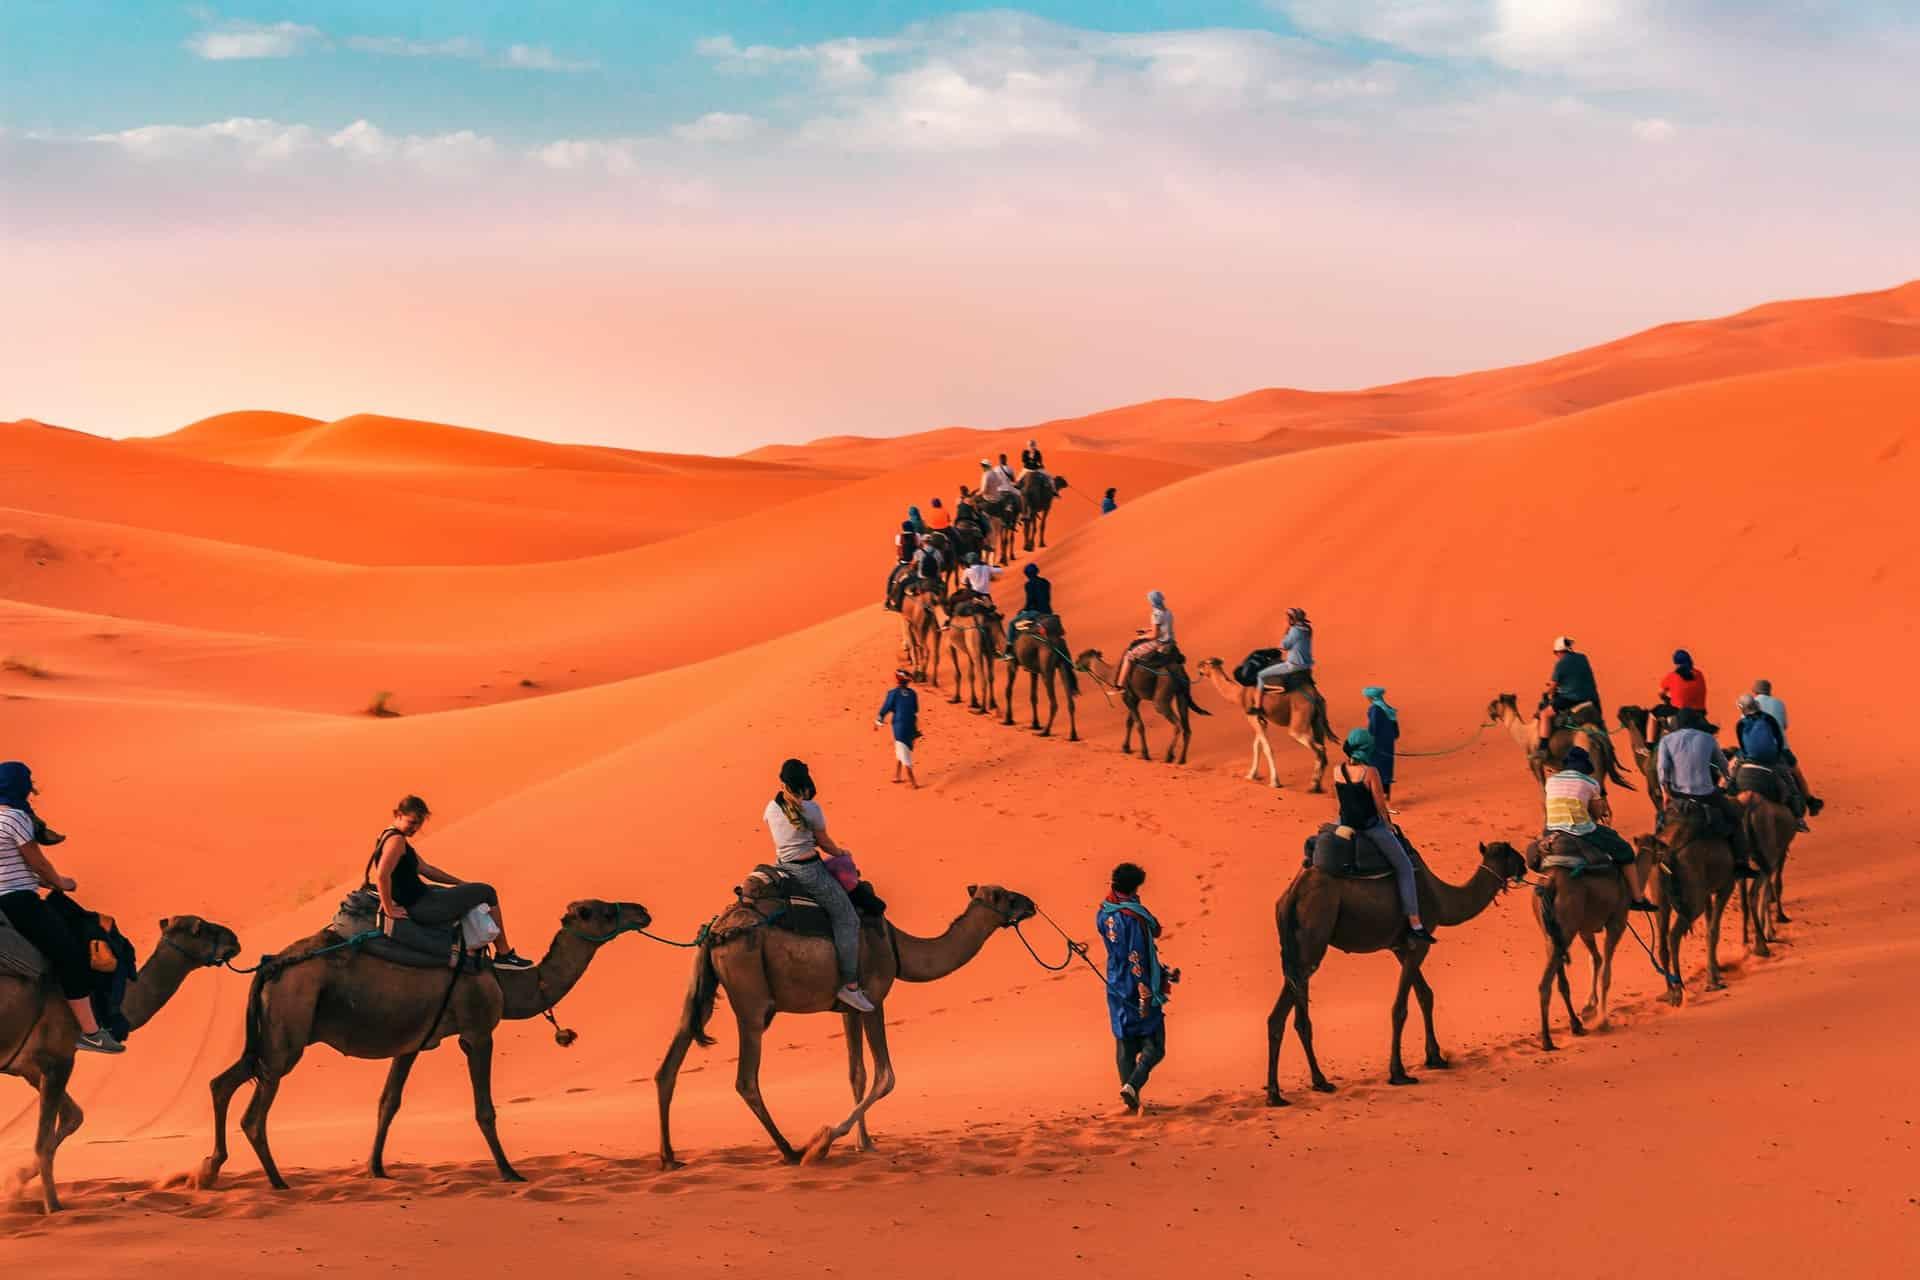 touristes avec des chameaux dans le desert du maroc